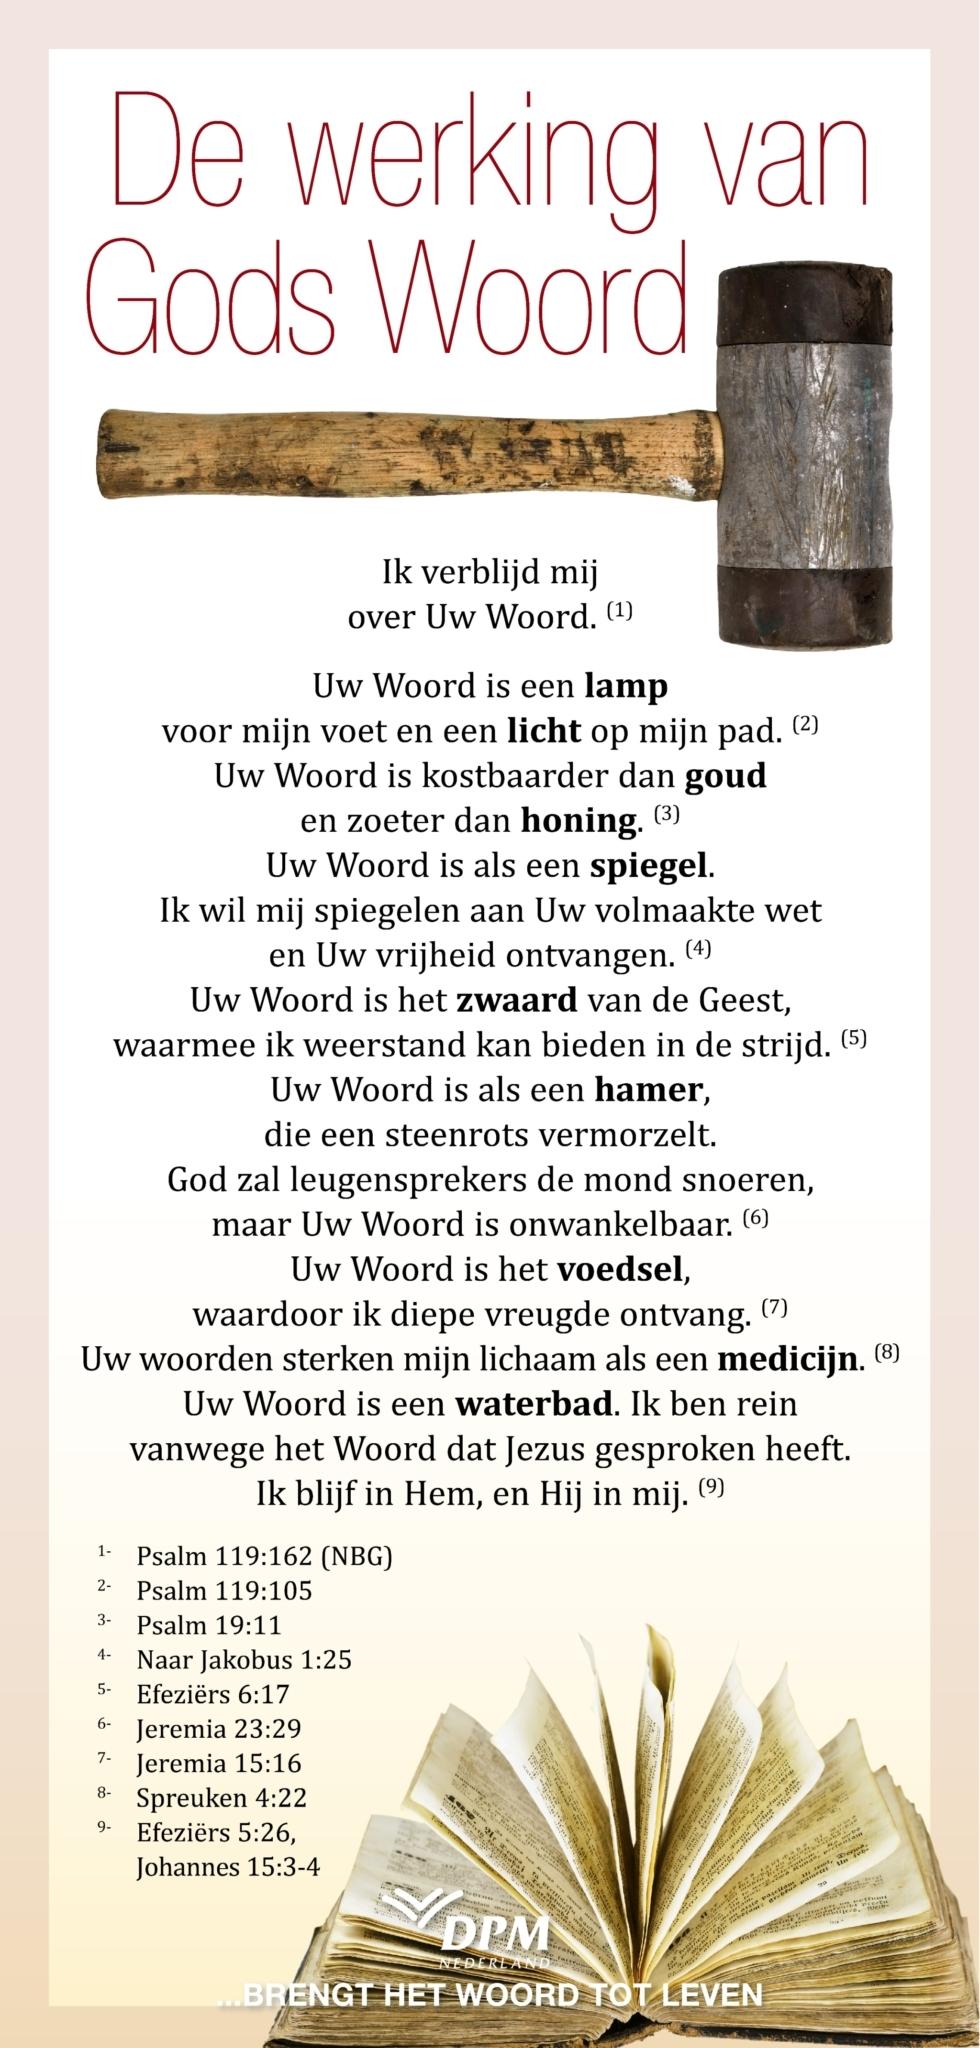 De werking van Gods Woord